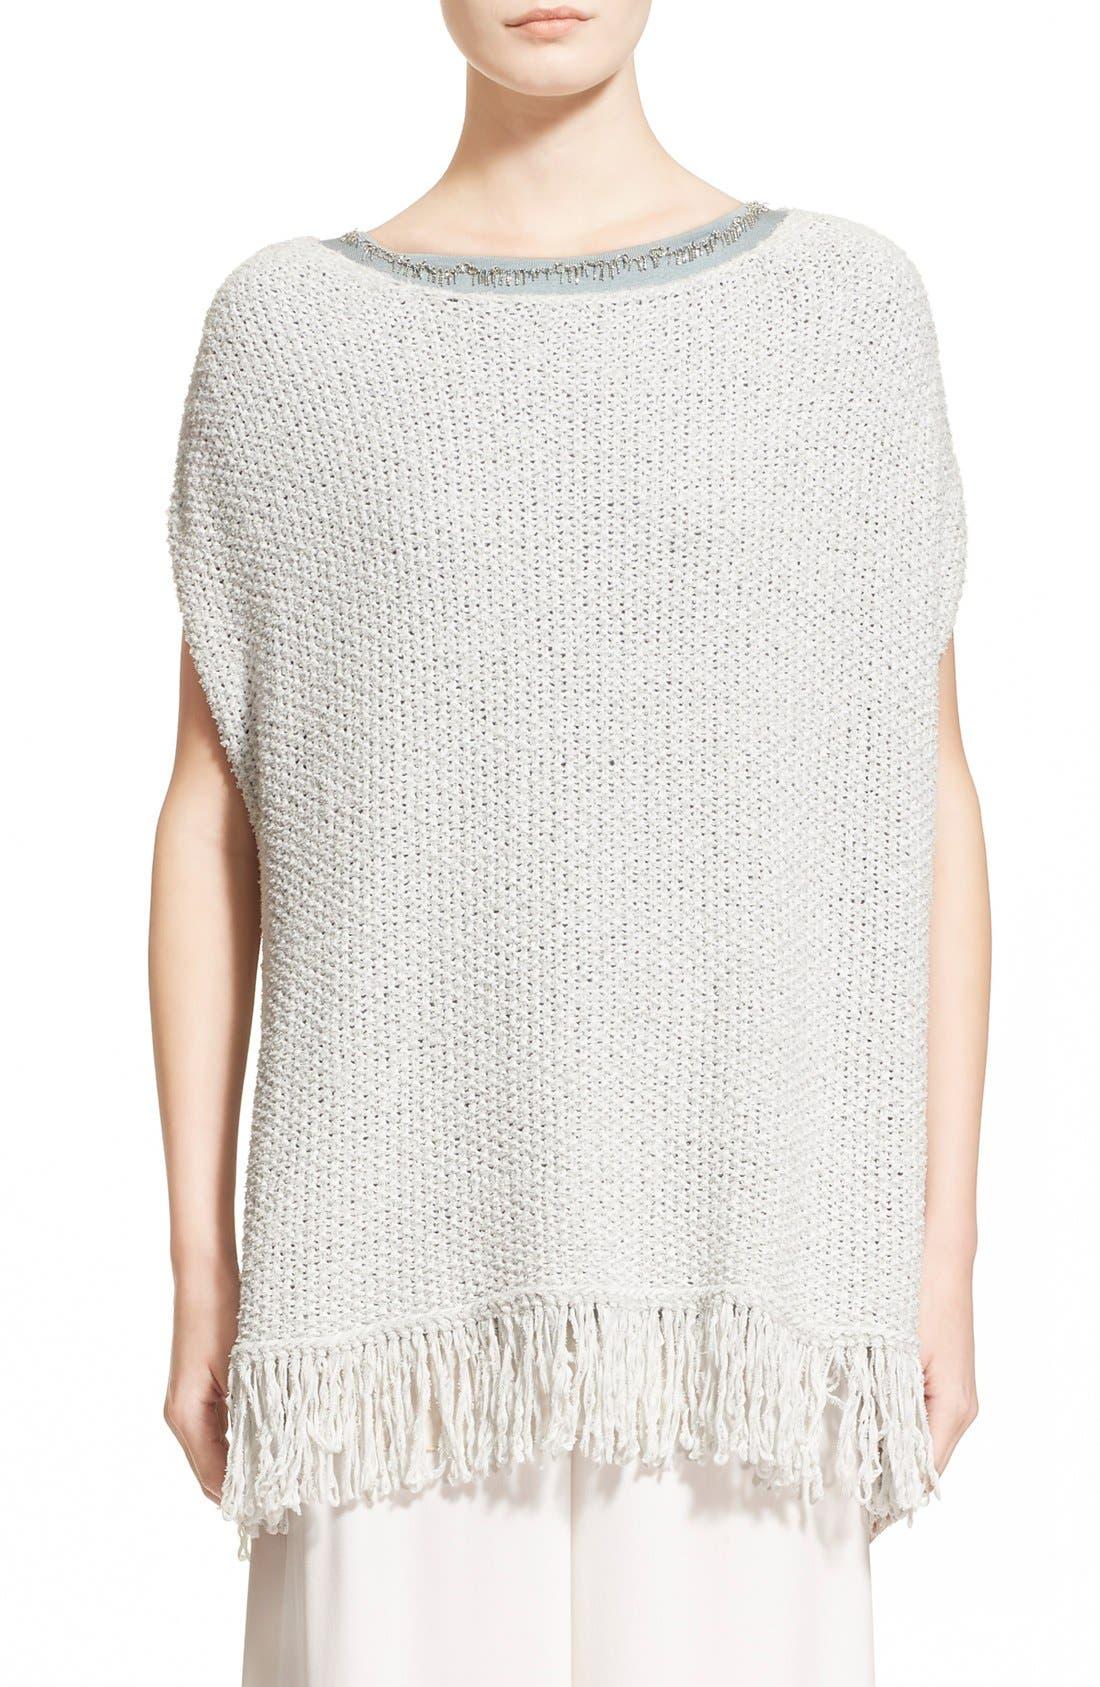 Alternate Image 1 Selected - Fabiana Filippi Fringe Trim Cotton Blend Poncho Sweater